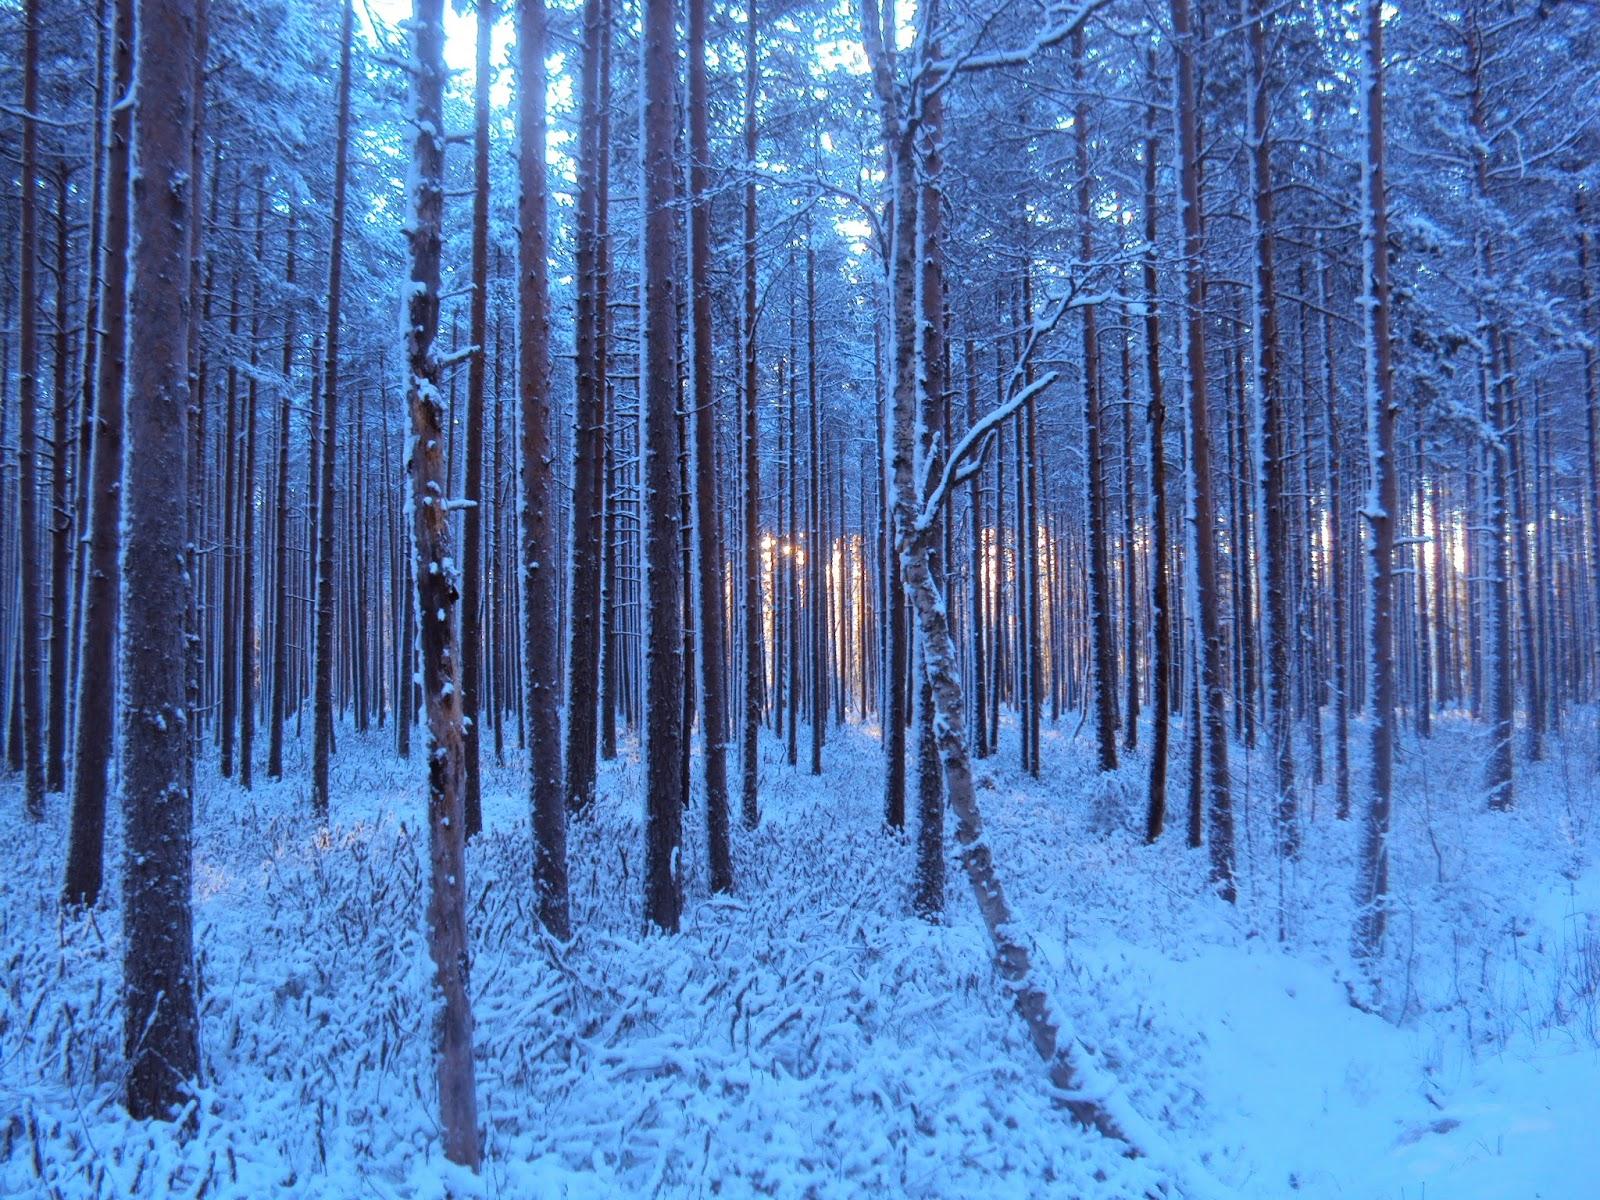 new arrival d8aaa 68d1b Juoksen jouluaattoaamuna poluilla pakkasessa hiljaa. Häikäisevä valo on  kaikkialla. Metsä on hiljainen ja kuten niin monesti aikaisemminkin  vastauksia ...